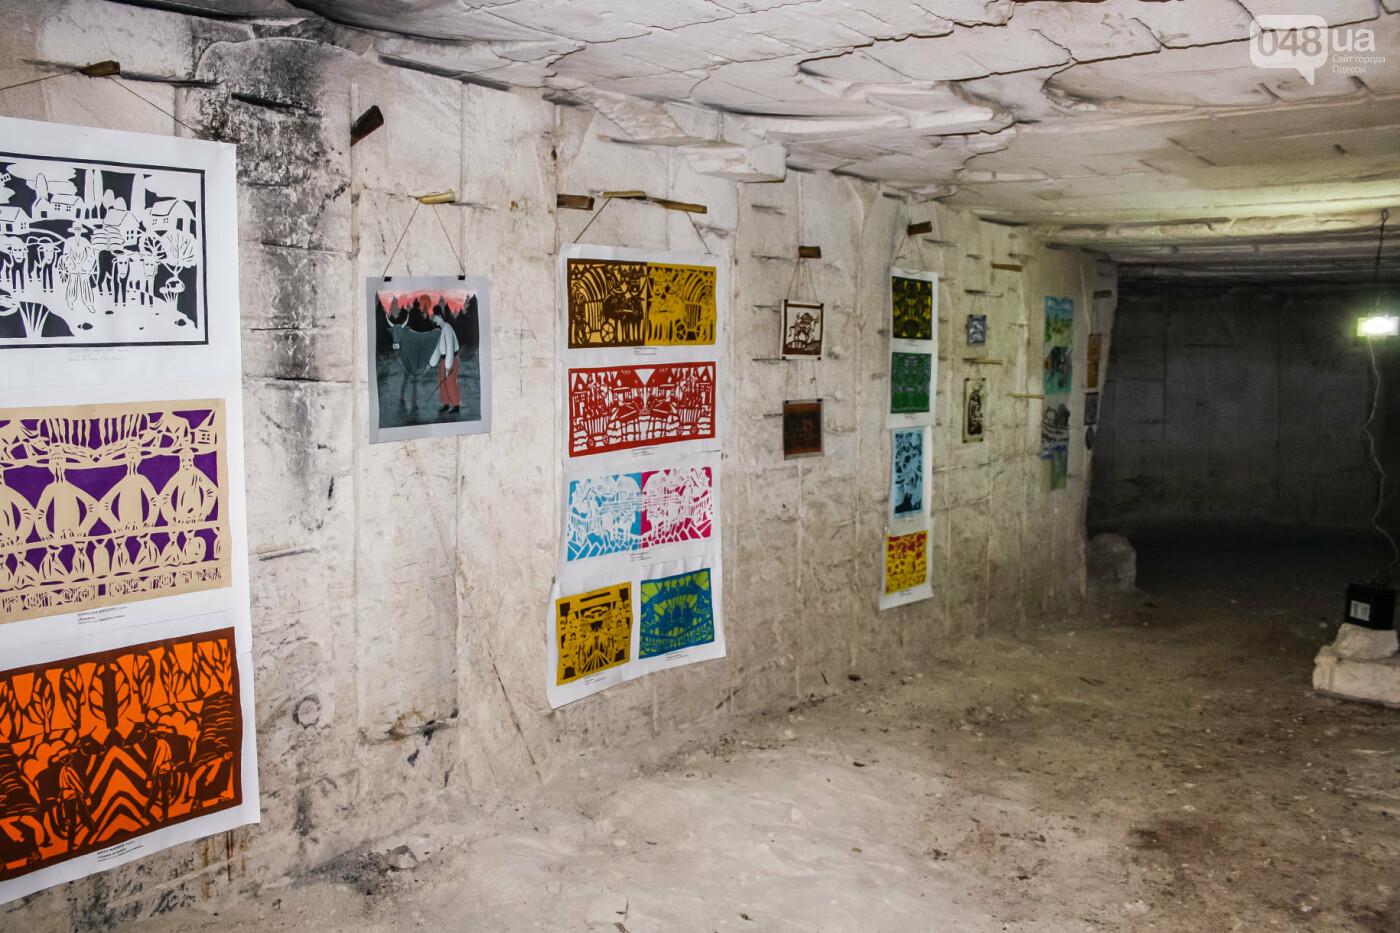 В Одесской области открылась выставка под землей,-ФОТОРЕПОРТАЖ, фото-7